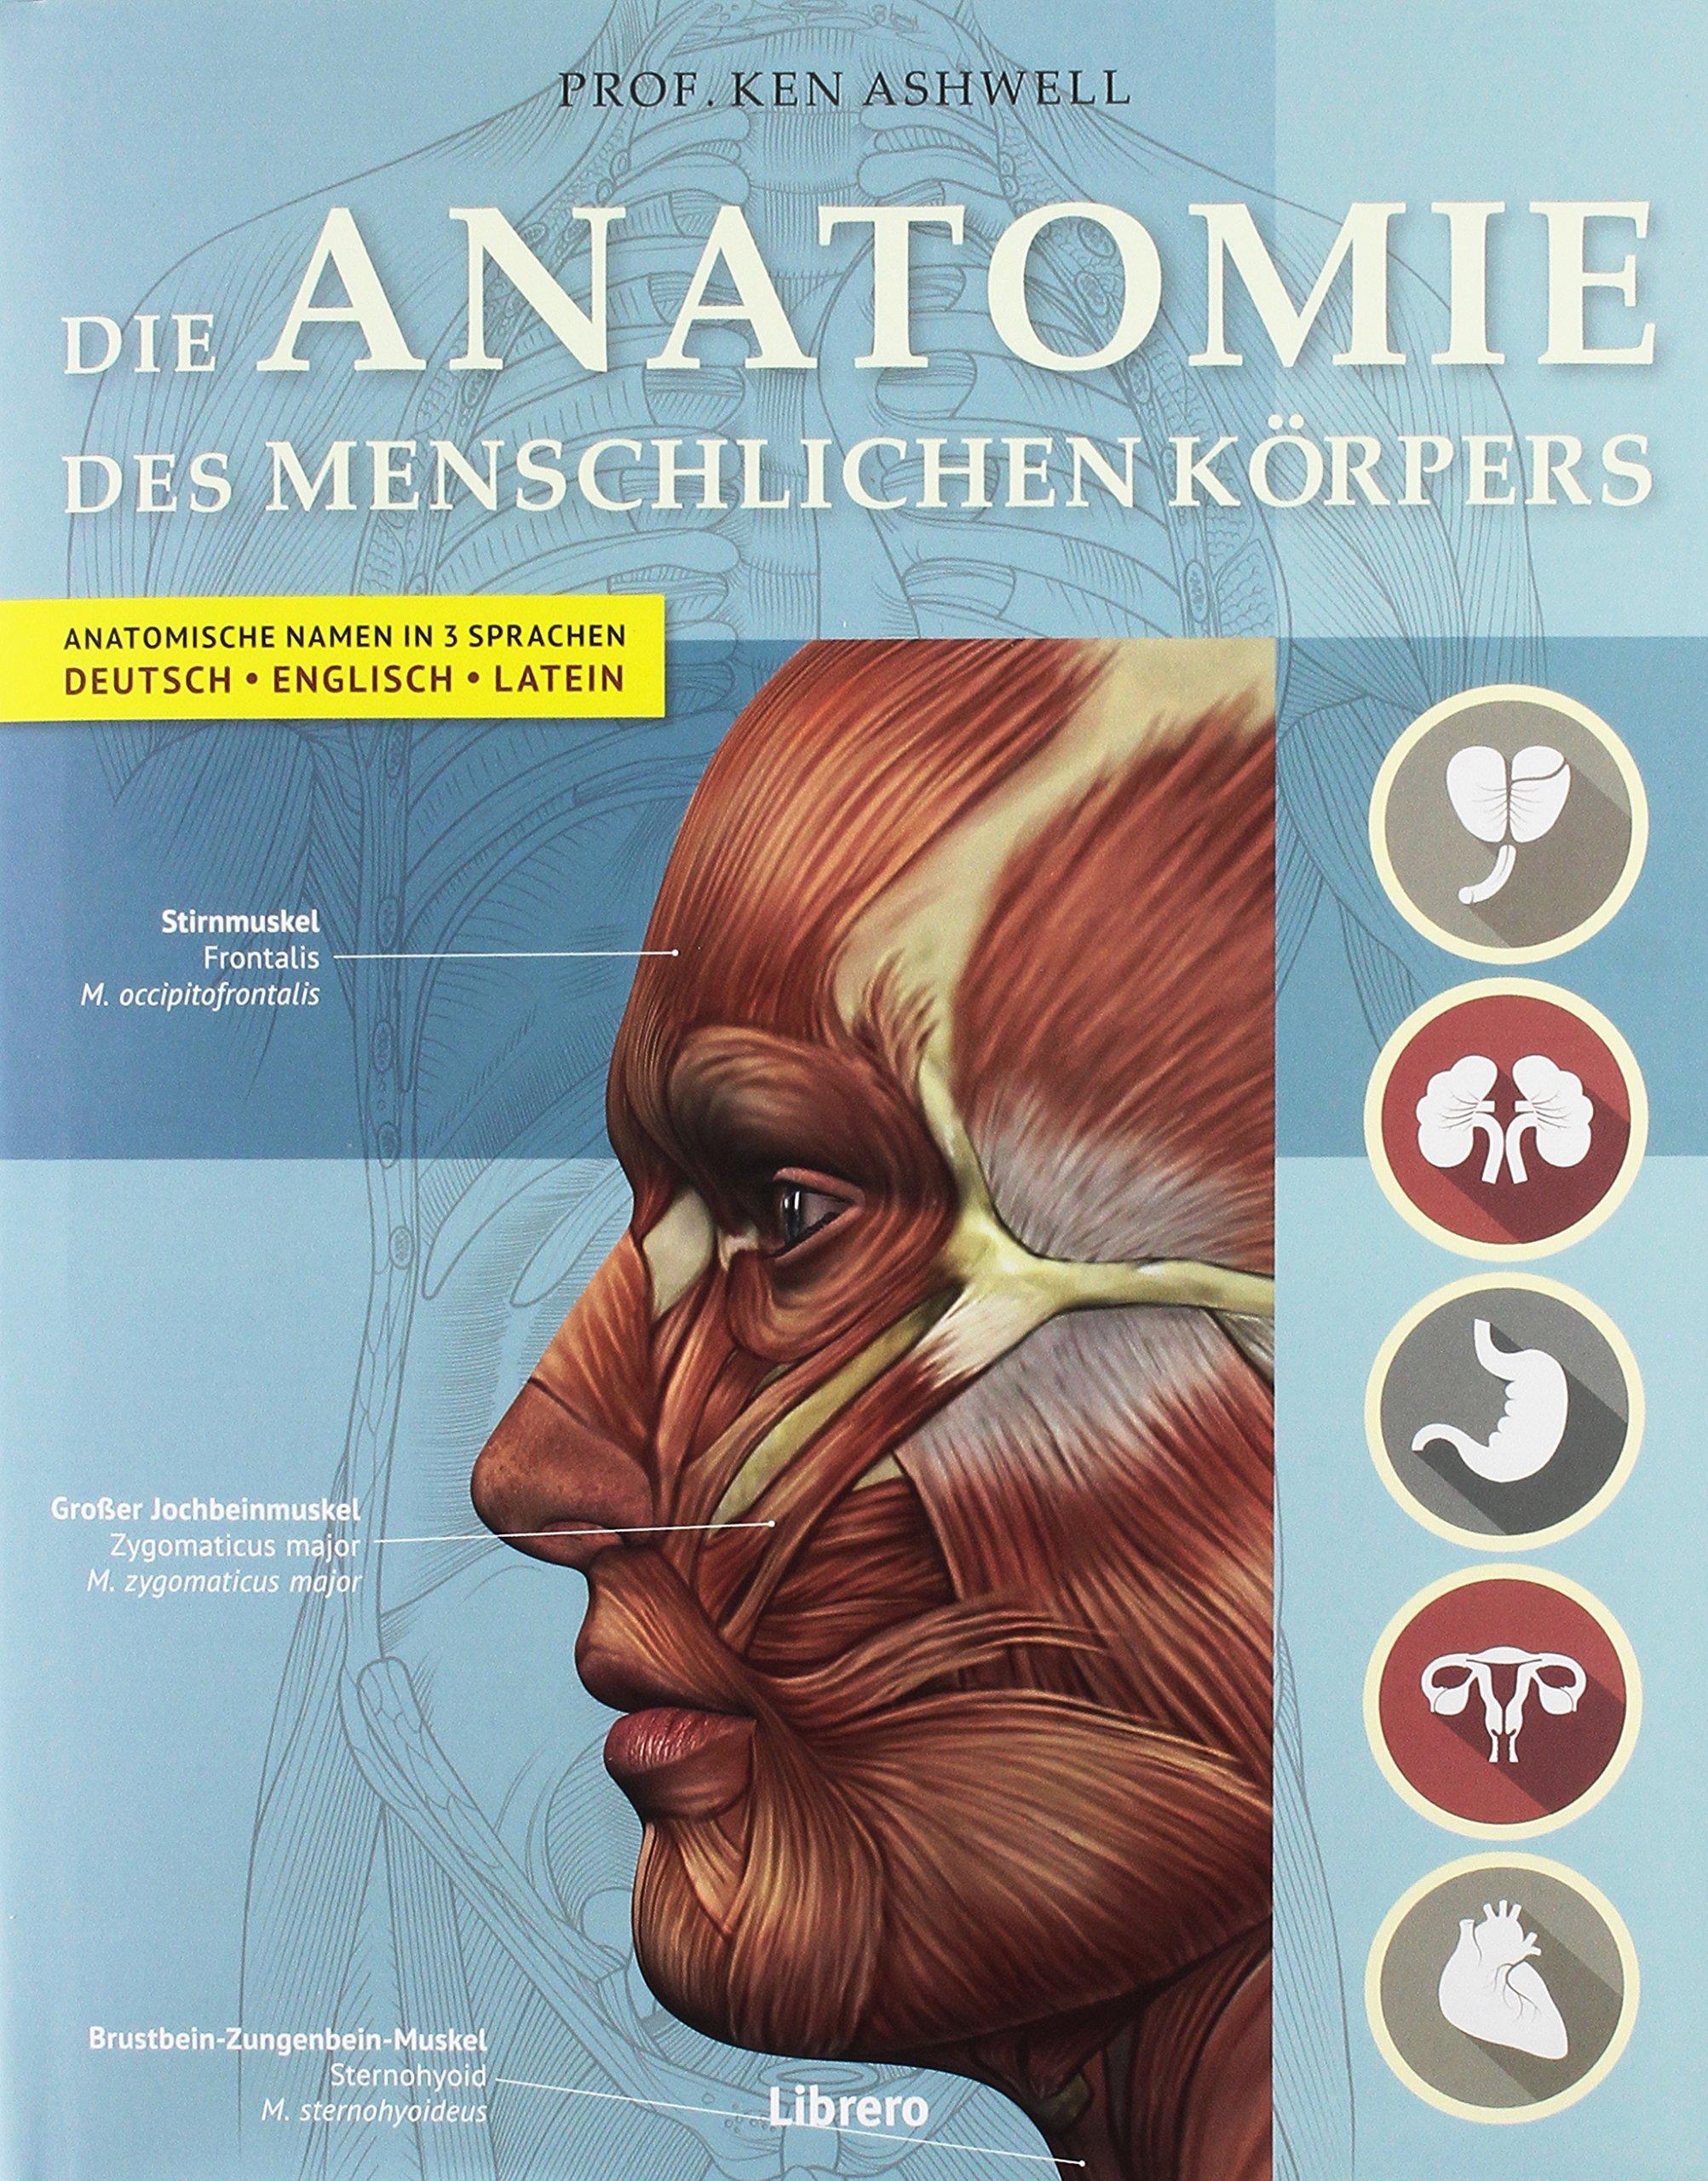 Der Menschliche Körper: Amazon.de: Ken Ashwell: Bücher